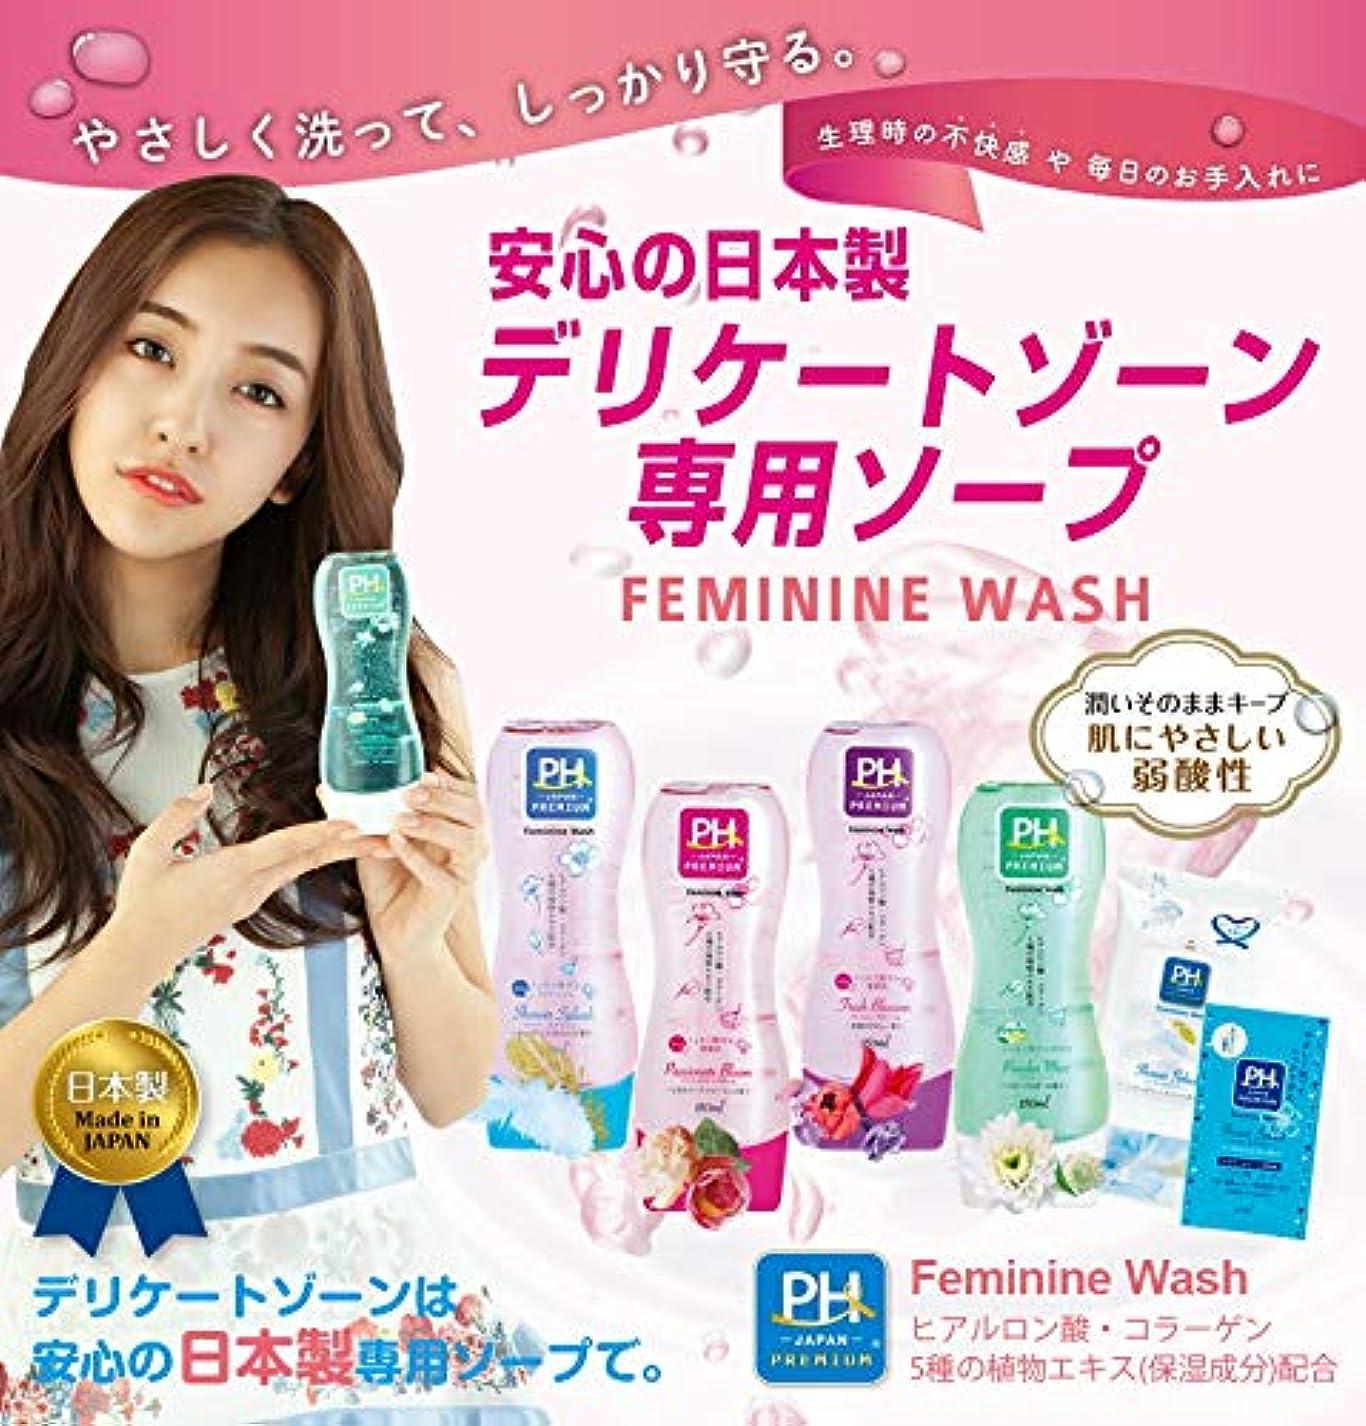 慣れる付き添い人高価なPH JAPAN プレミアム フェミニンウォッシュ パッショネイトブルーム150ml上品なローズフローラルの香り 3本セット